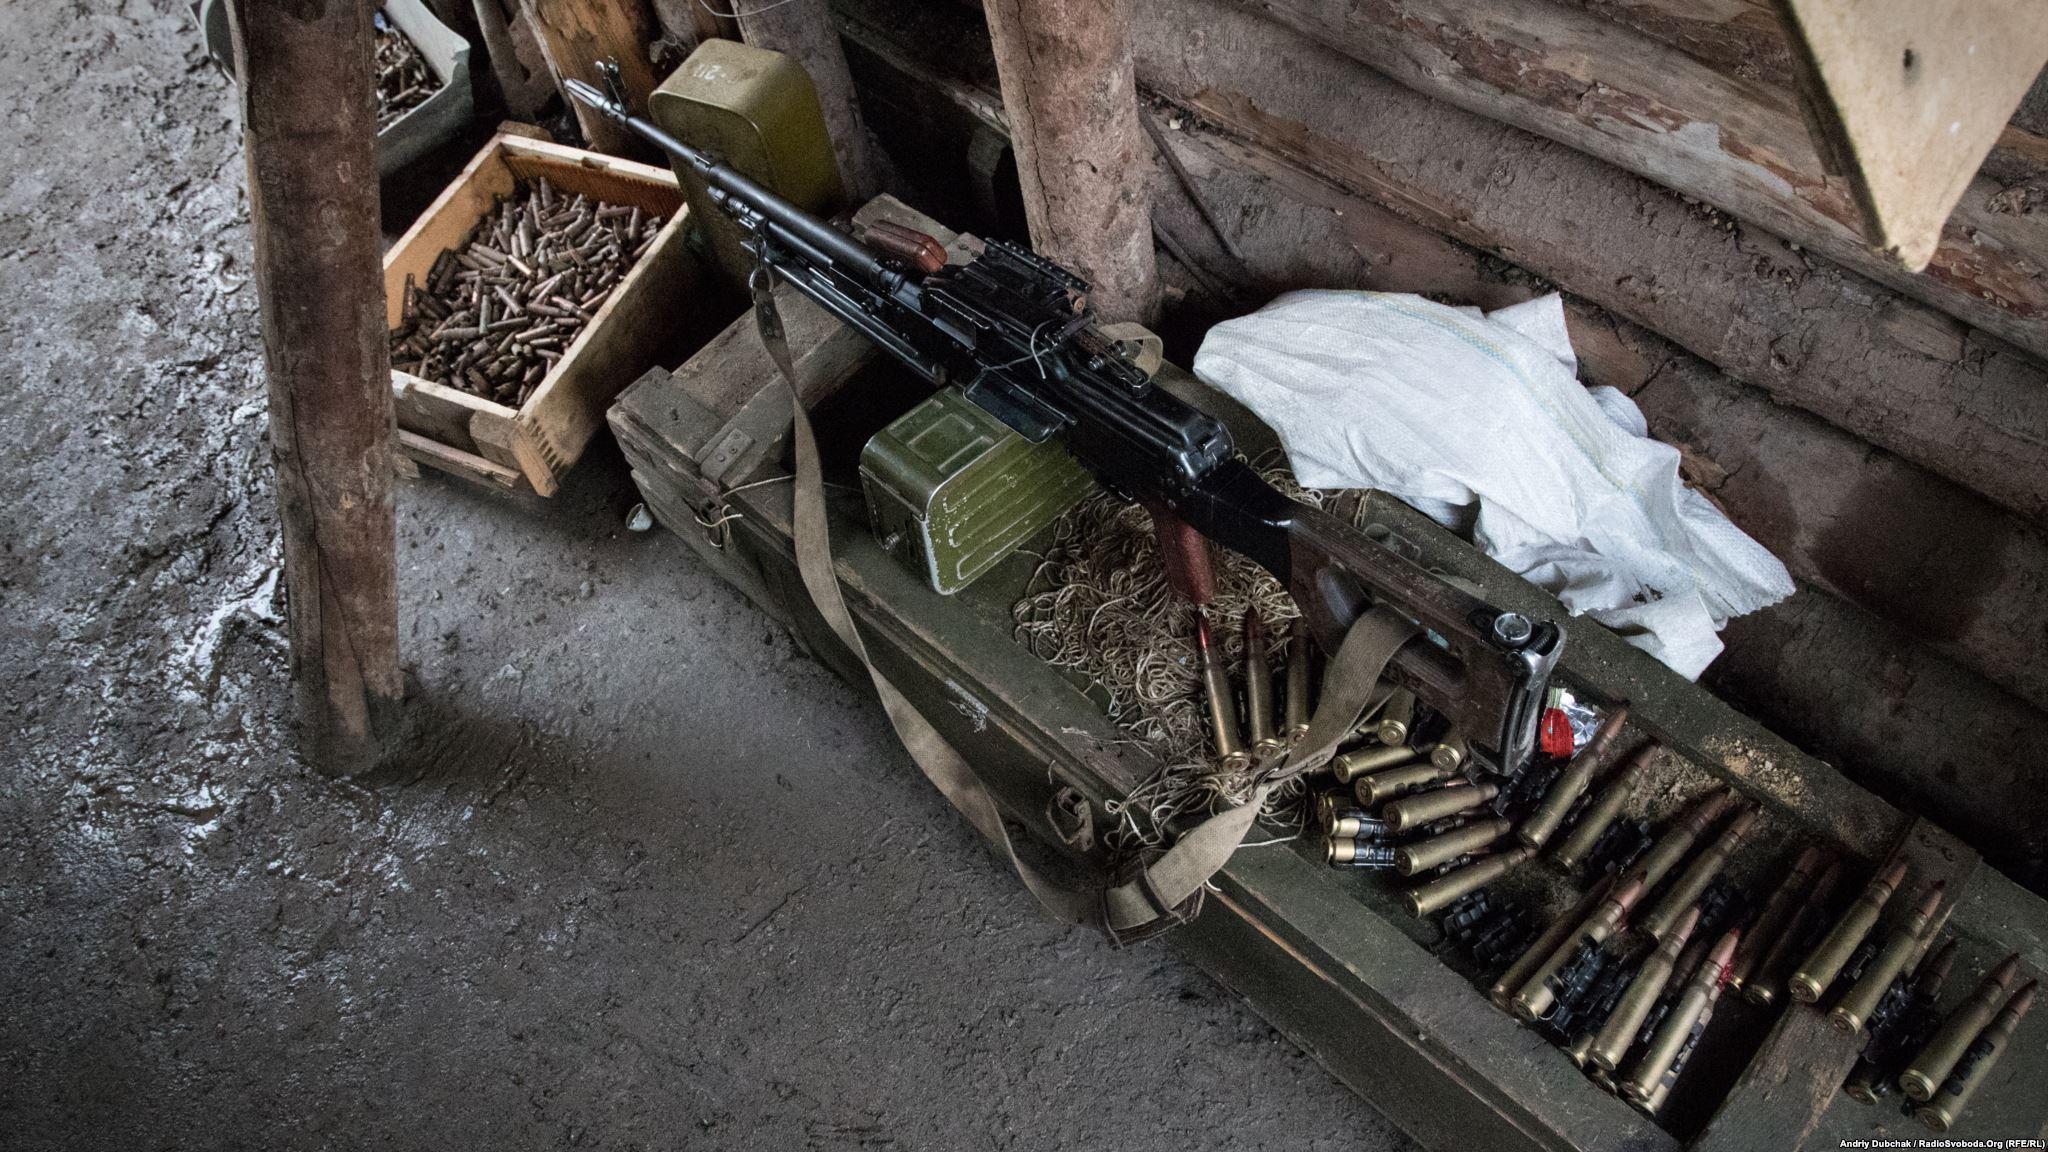 На позиціях усе завжди готове до бою, який може розпочатися будь-коли (фотограф Андрей Дубчак / Andriy Dubchak)